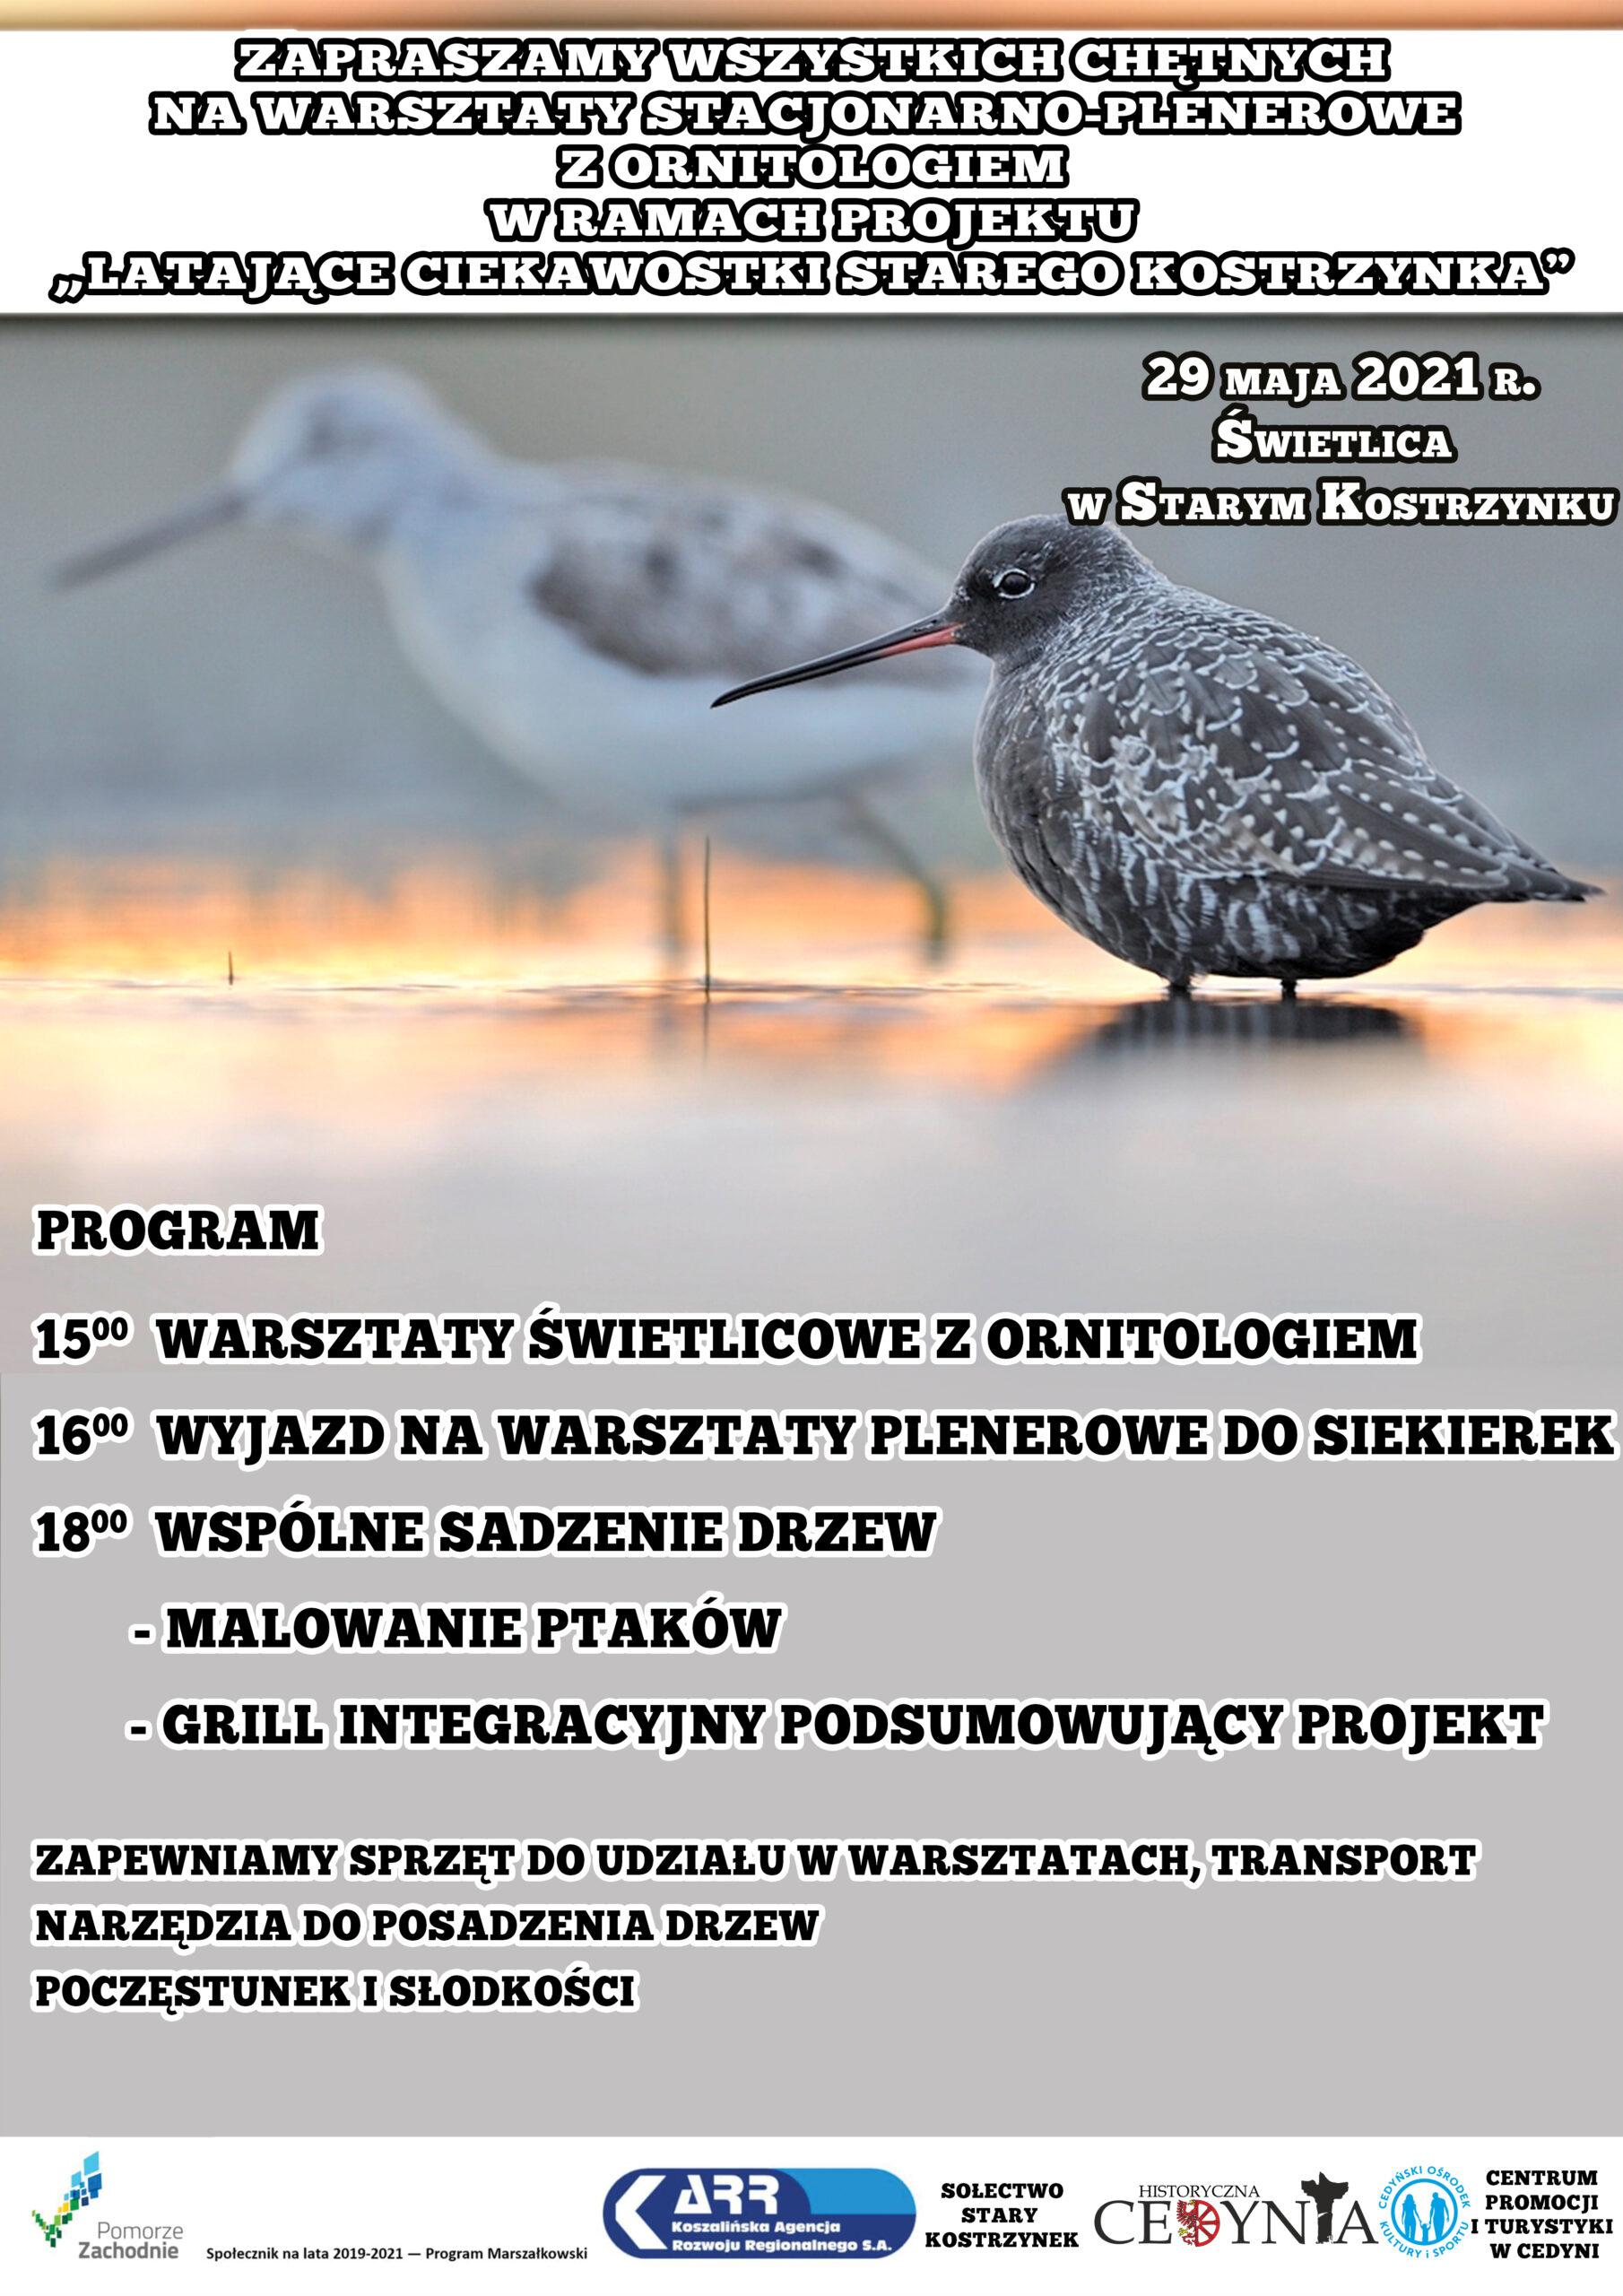 plakat promujący projekt Społecznik